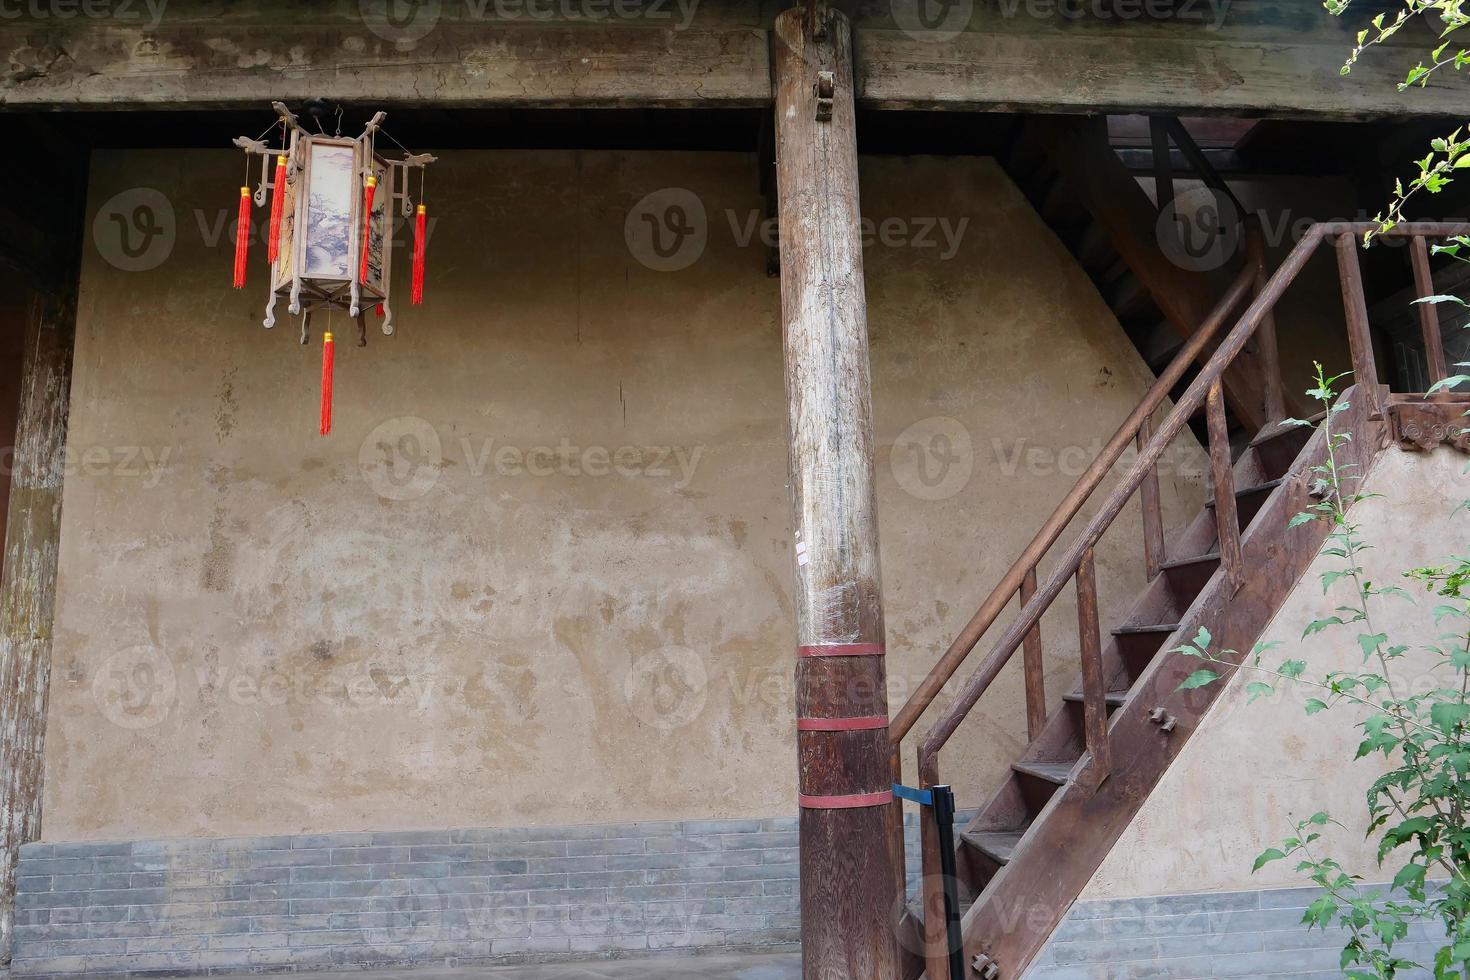 résidences traditionnelles chinoises au musée des arts populaires de tianshui en chine photo